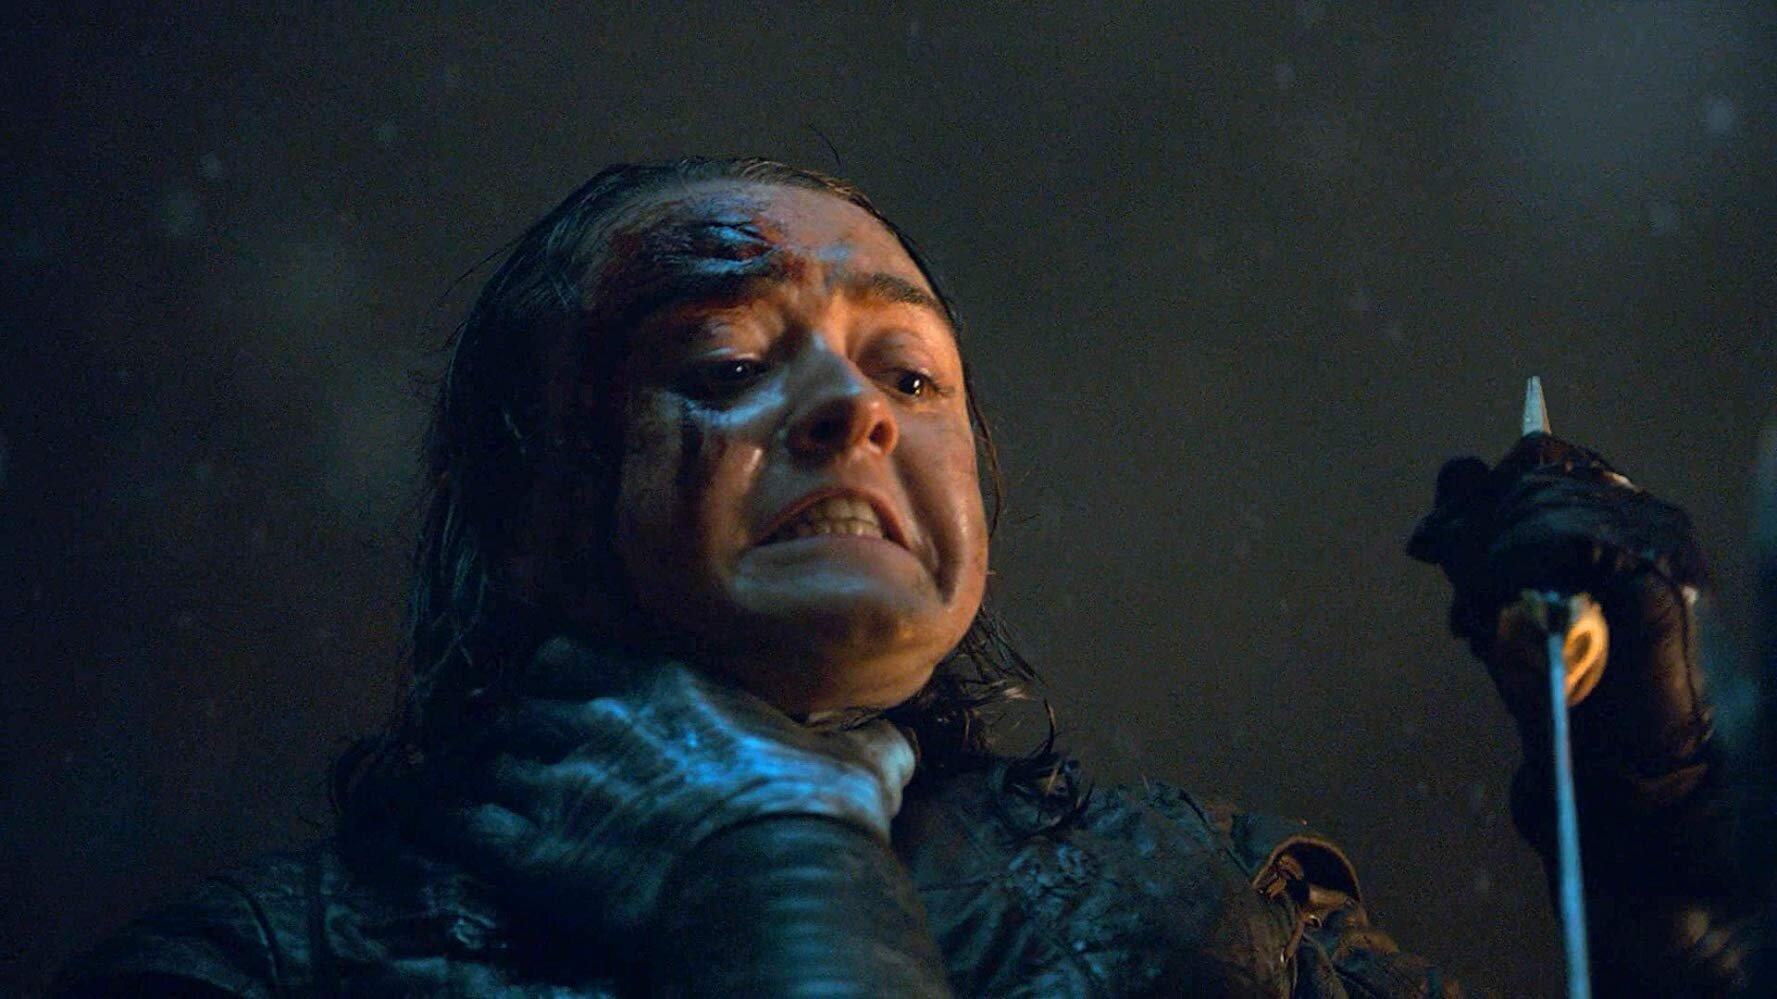 Agora é guerra! Fãs não aguentam mais os problemas com o HBO Go na hora de 'Game of